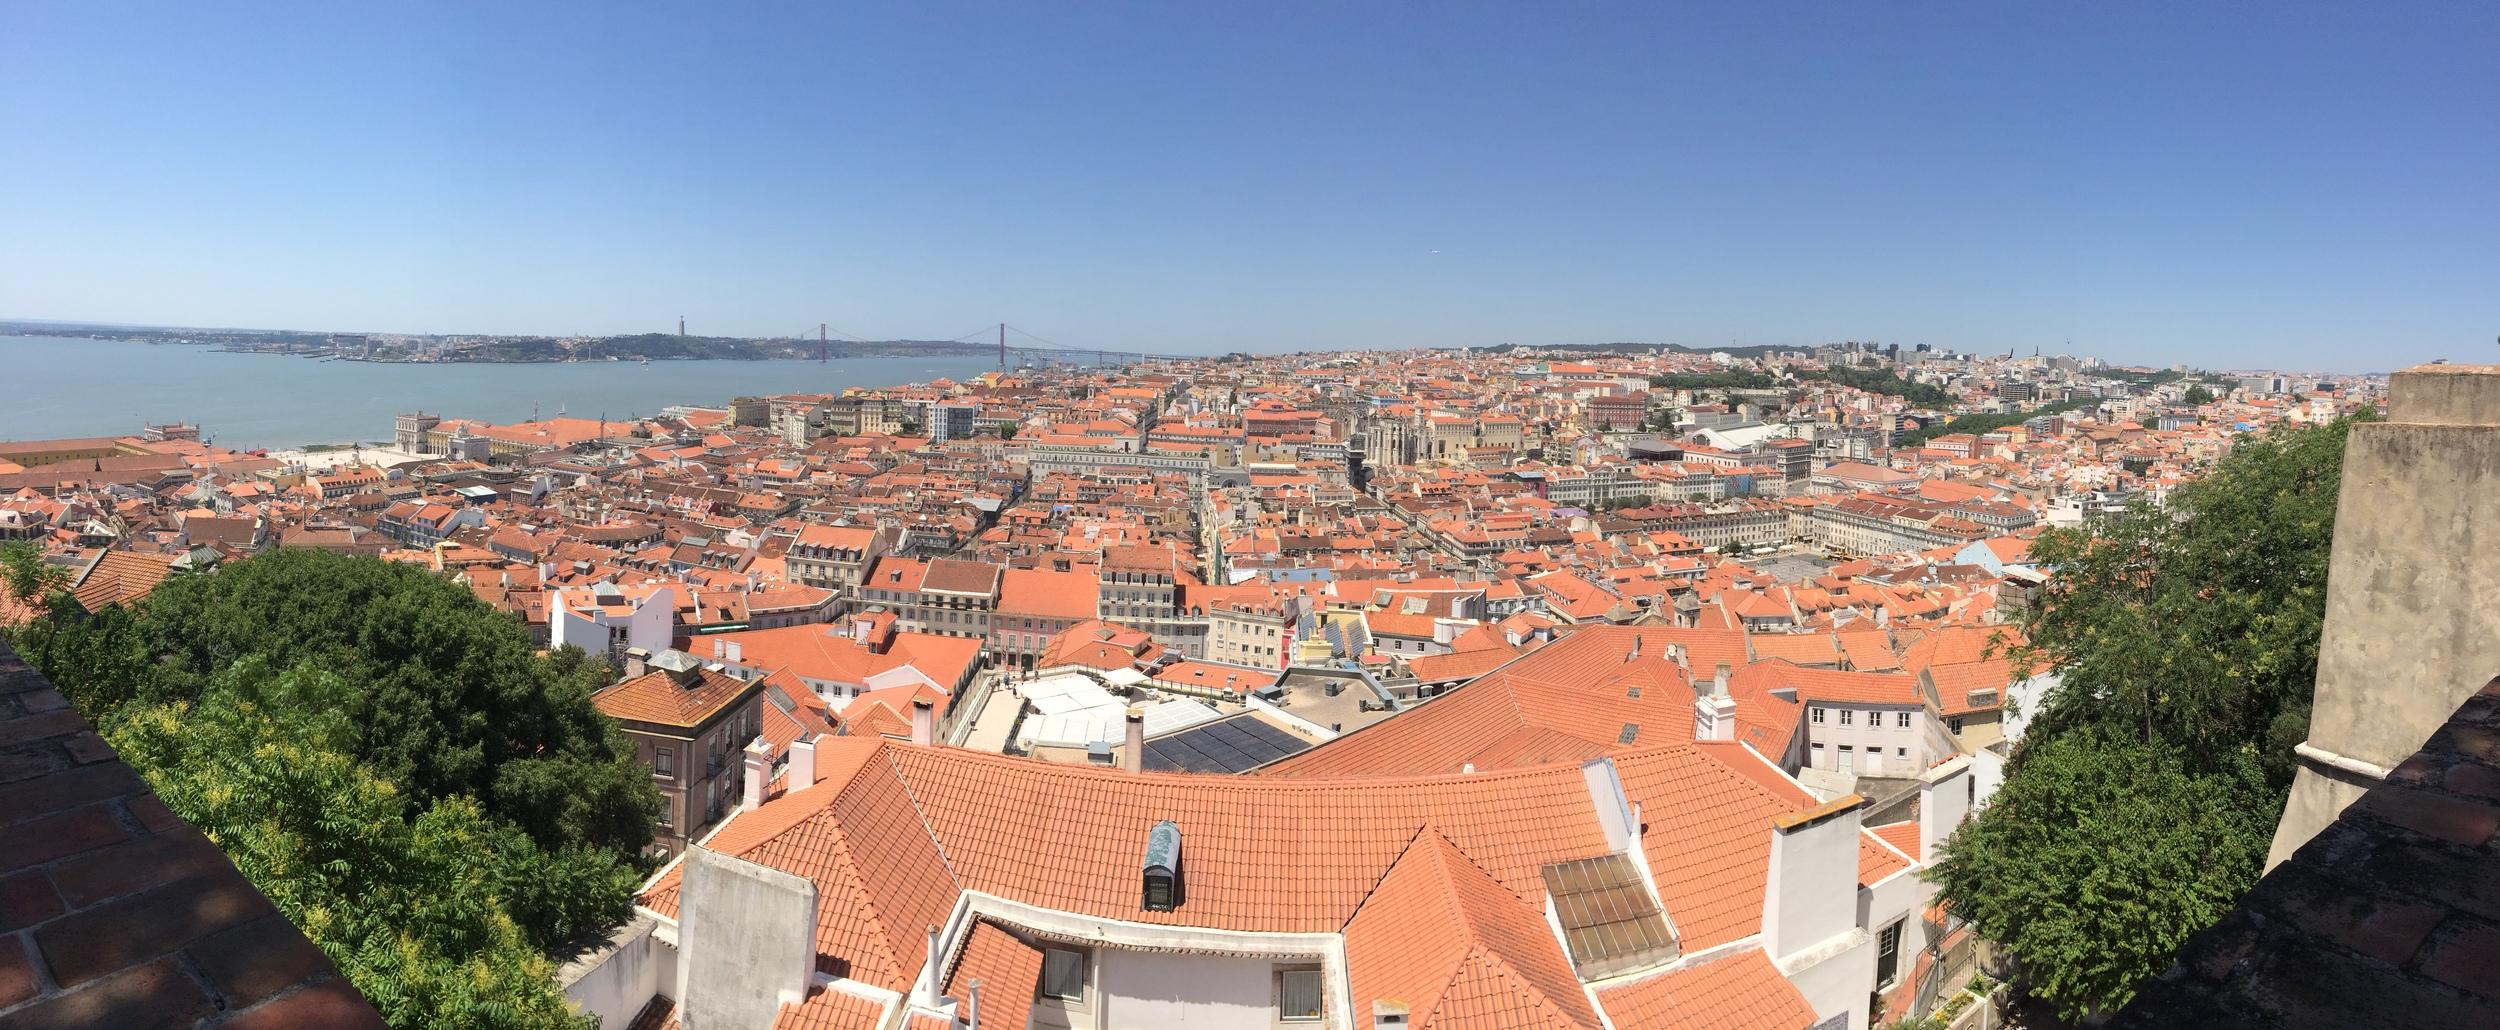 My view of Lisbon from the top of Castelo de São Jorge.